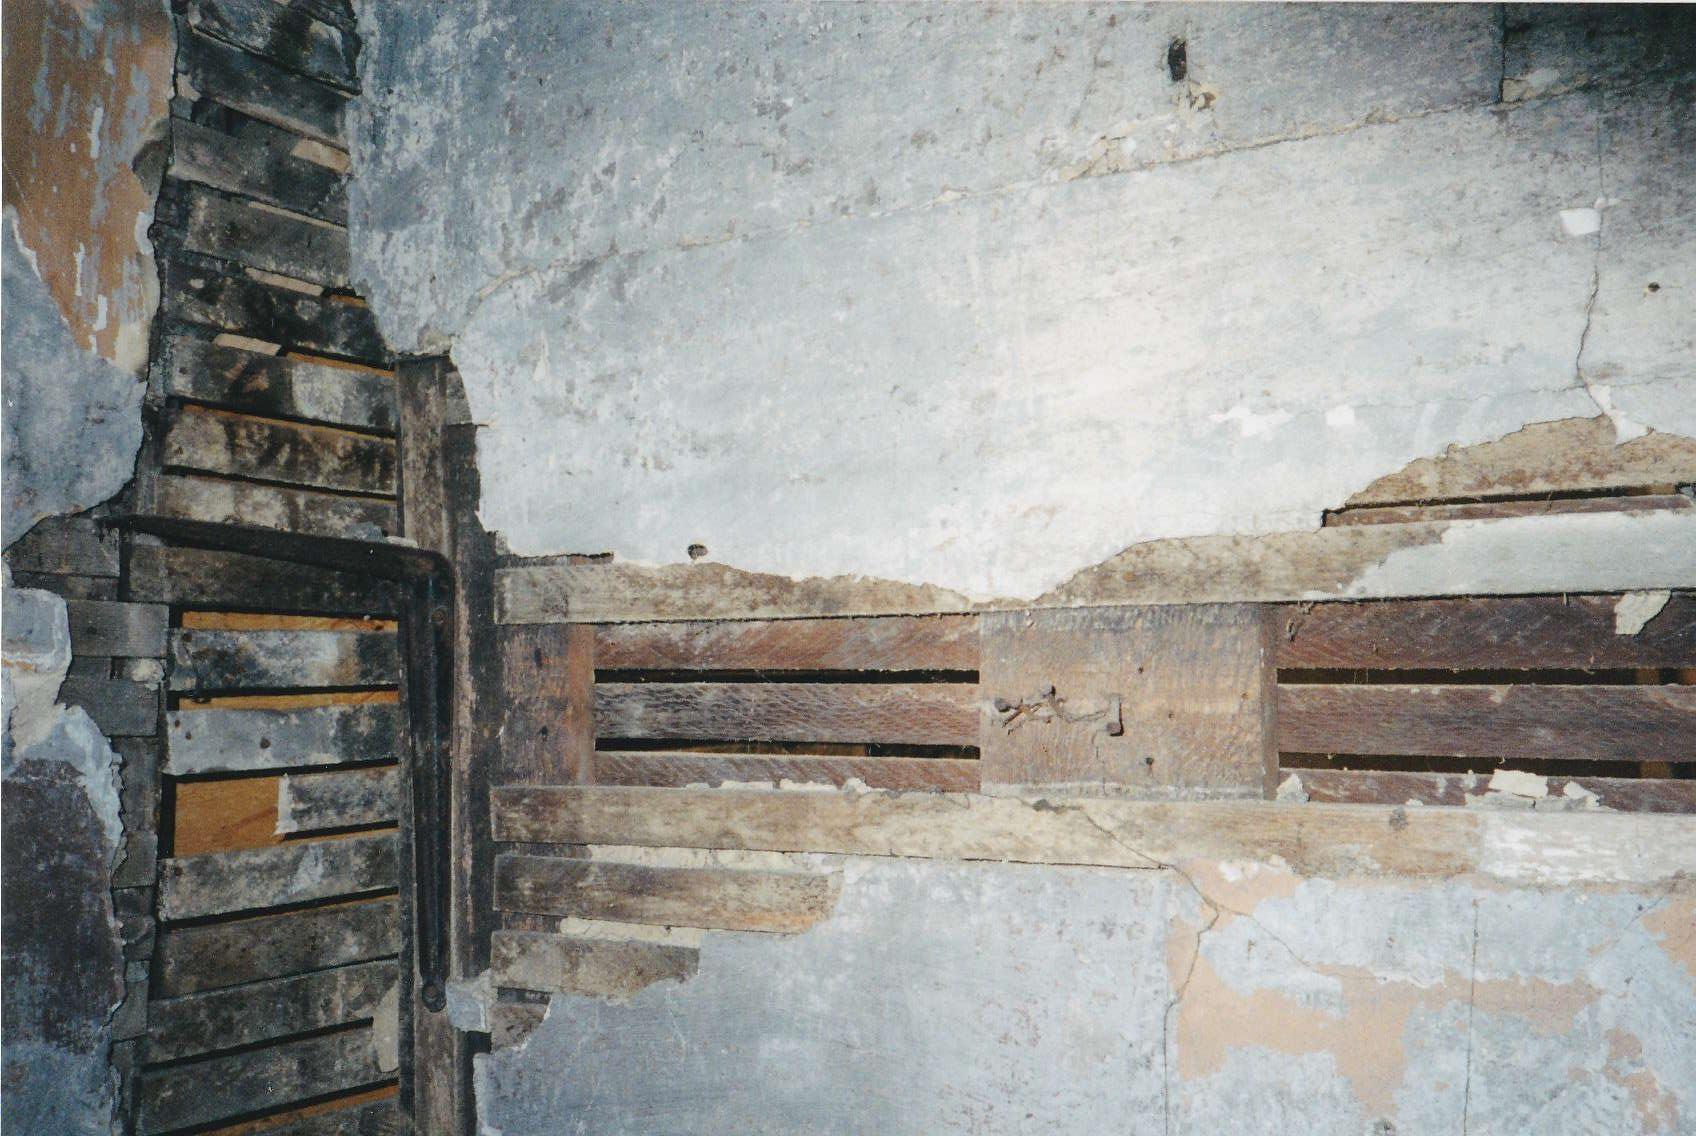 Interior plaster wall